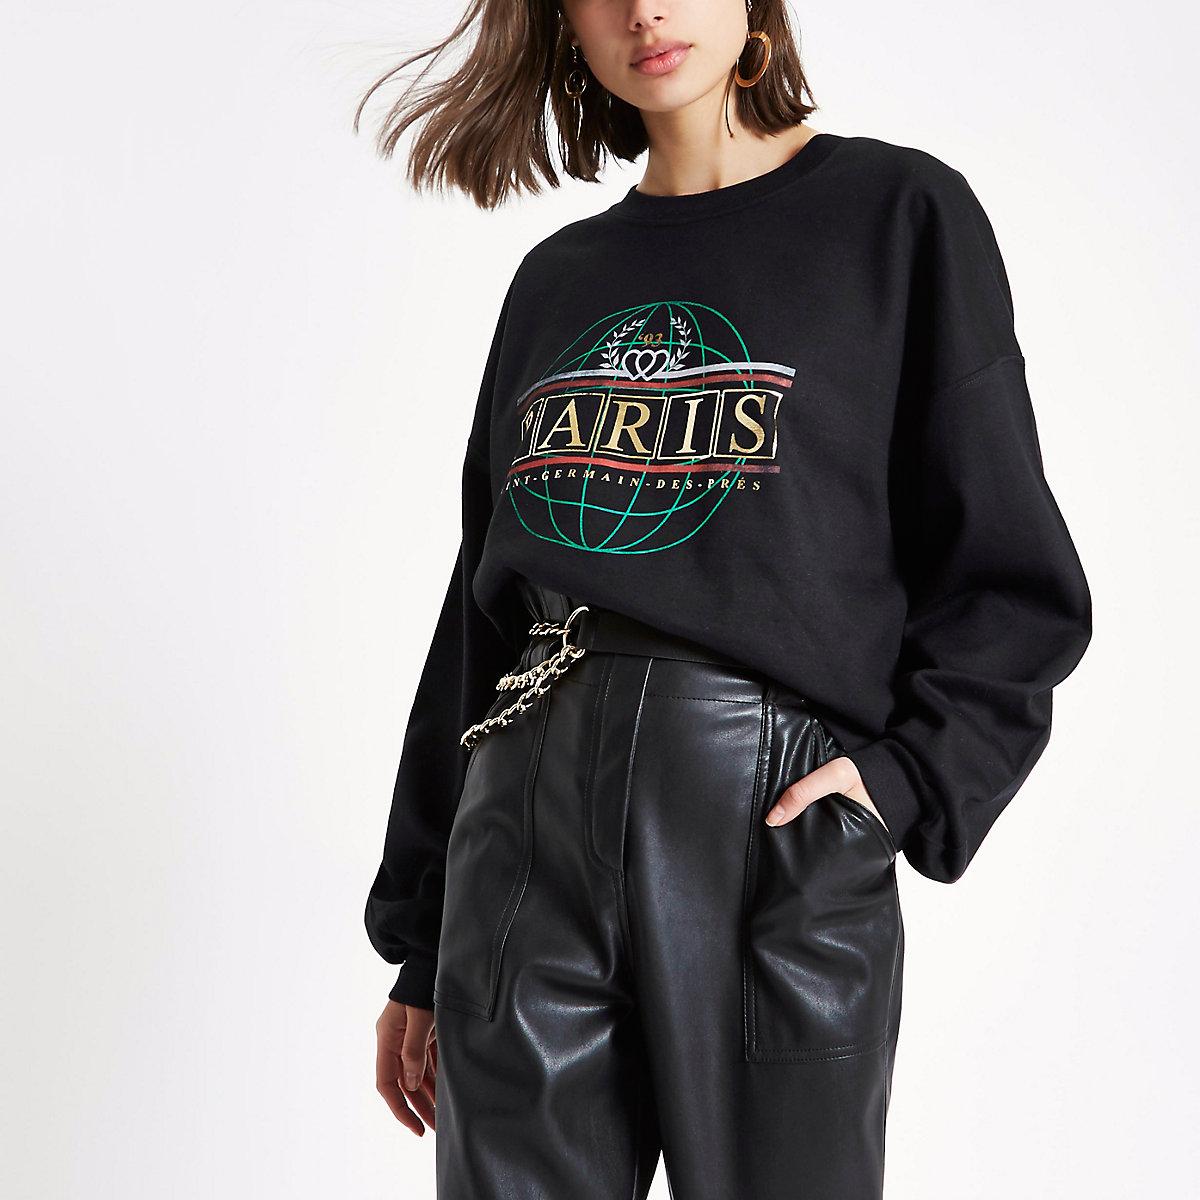 Zwart sweatshirt met 'Paris'-folieprint